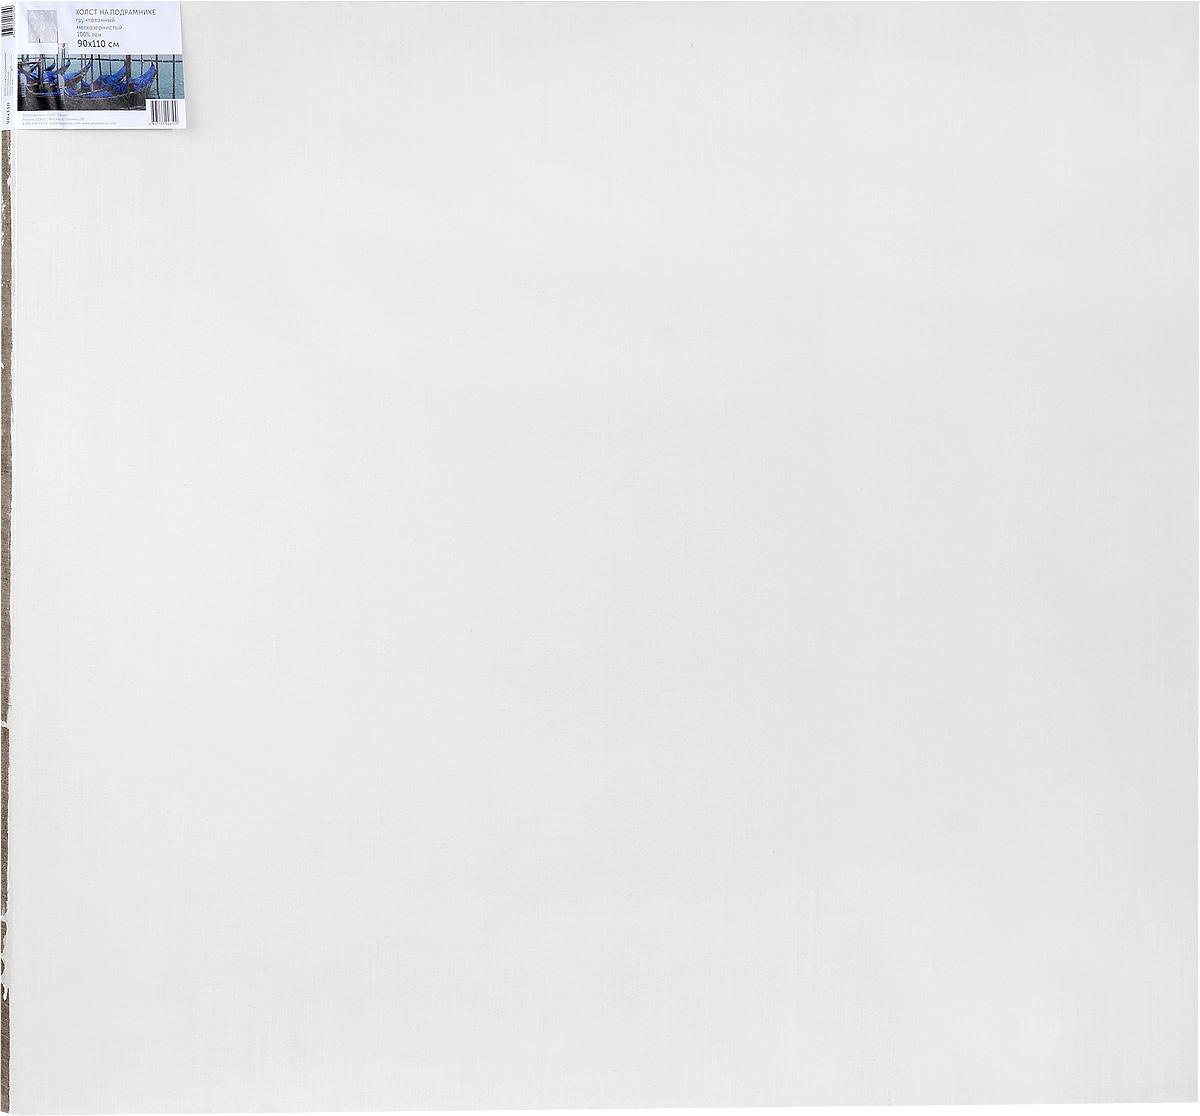 Холст ArtQuaDram Мелкозернистый на подрамнике, грунтованный, 90 х 110 смТ0008794Холст на деревянном подрамнике ArtQuaDram Мелкозернистый изготовлен из 100% натурального льна. Подходит для профессионалов и художников. Холст не трескается, не впитывает слишком много краски, цвет краски и качество не изменяются. Холст идеально подходит для масляной и акриловой живописи.